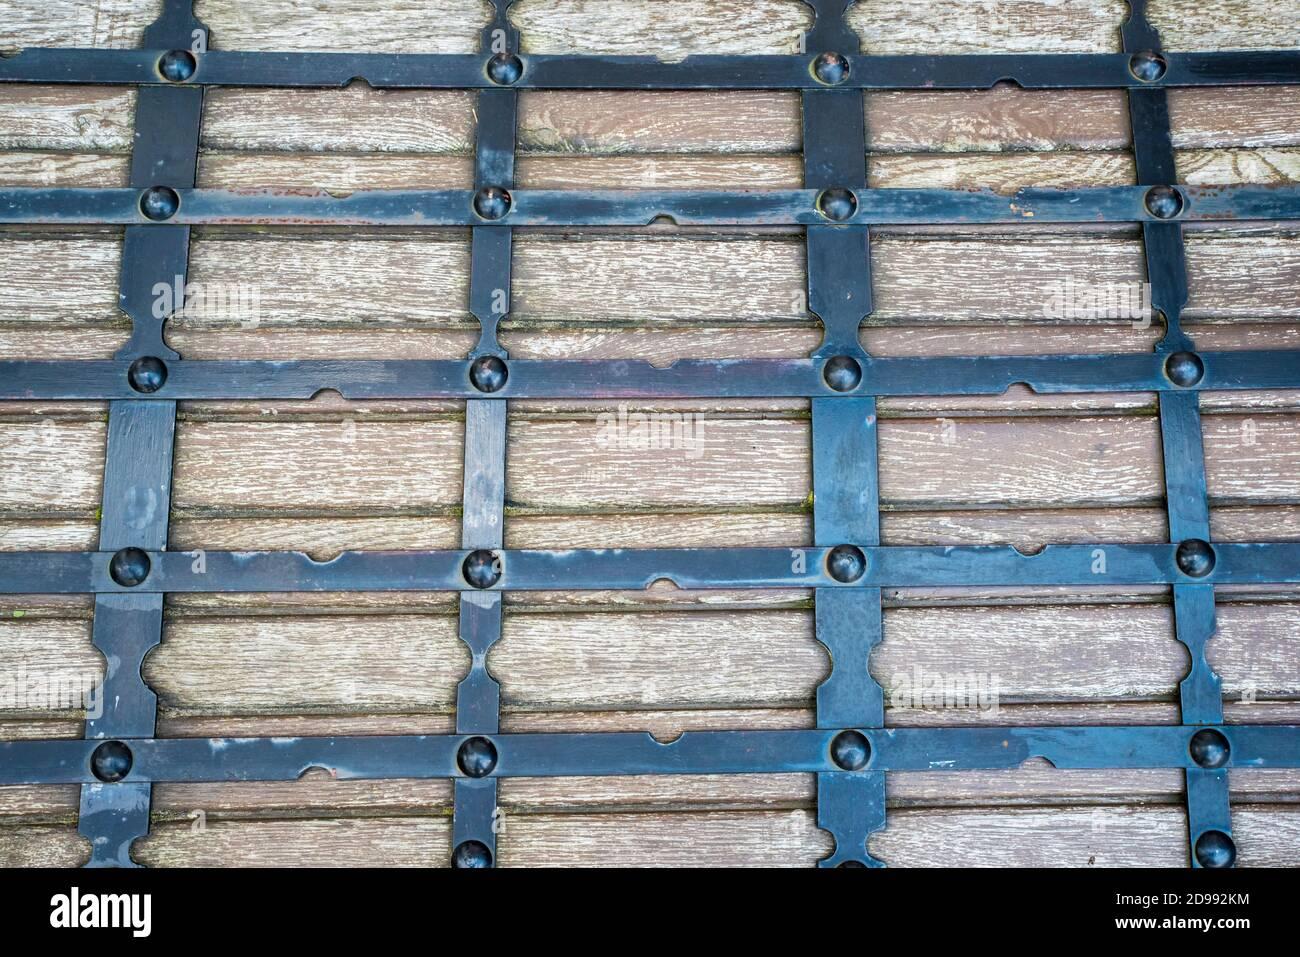 Ancienne texture de la grille en bois sur une image de gros plan Banque D'Images